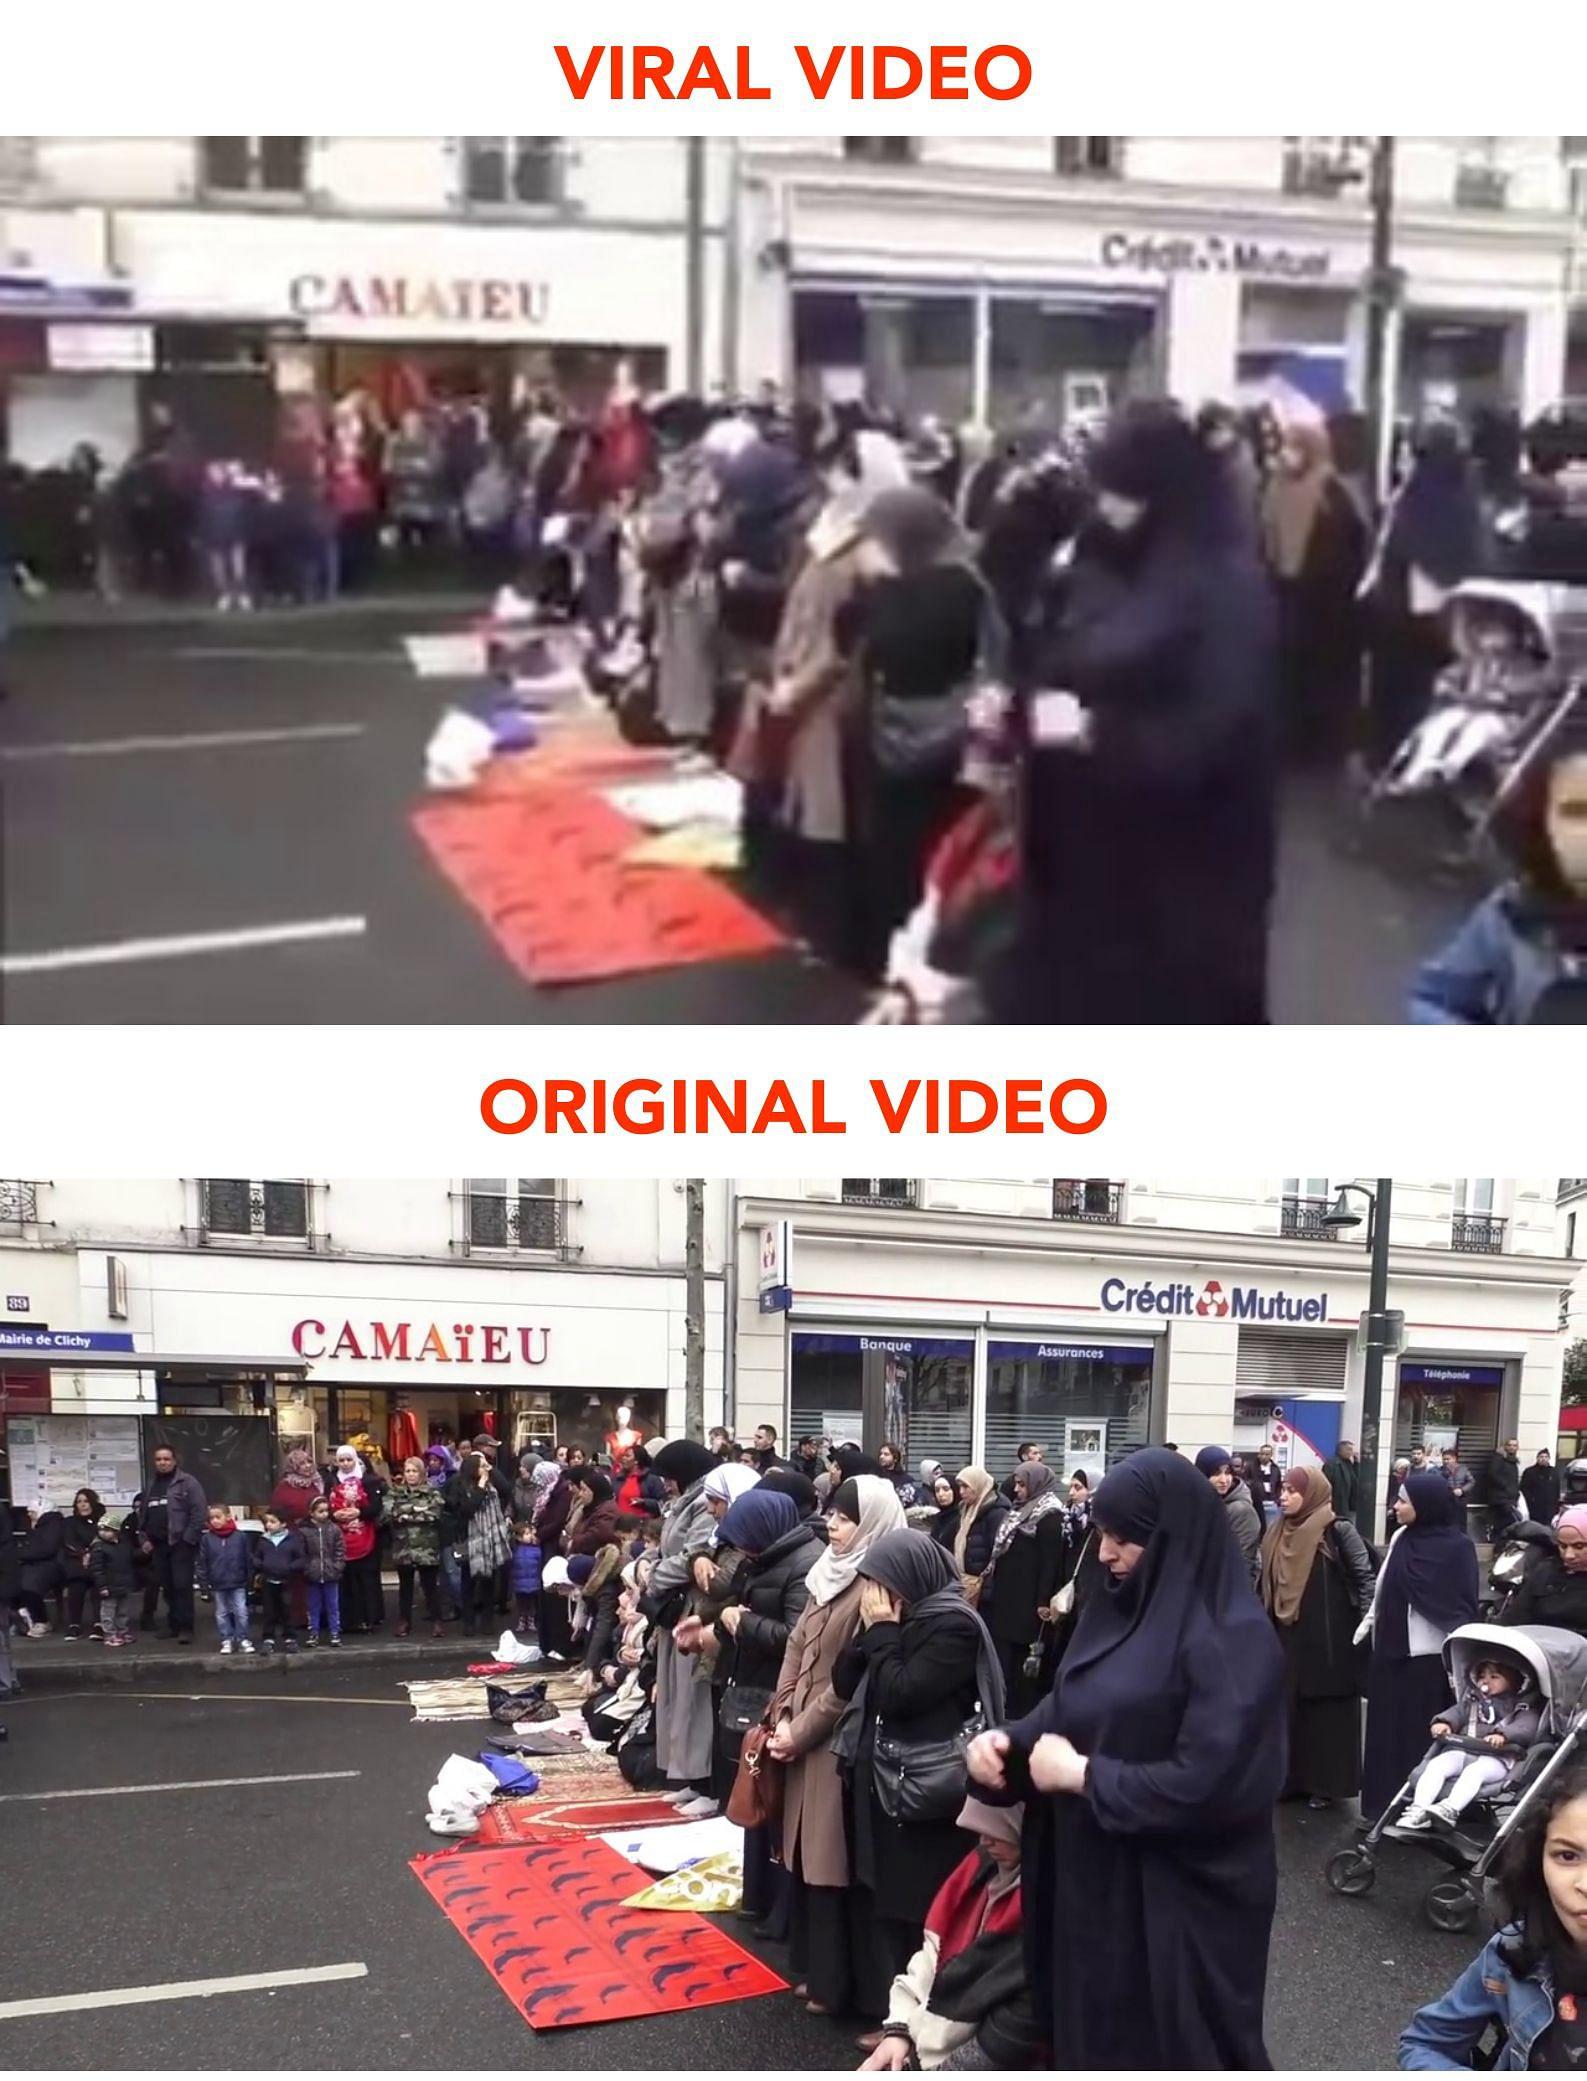 Tidak, Video Muslim Berdoa di Prancis Ini Bukan Terbaru